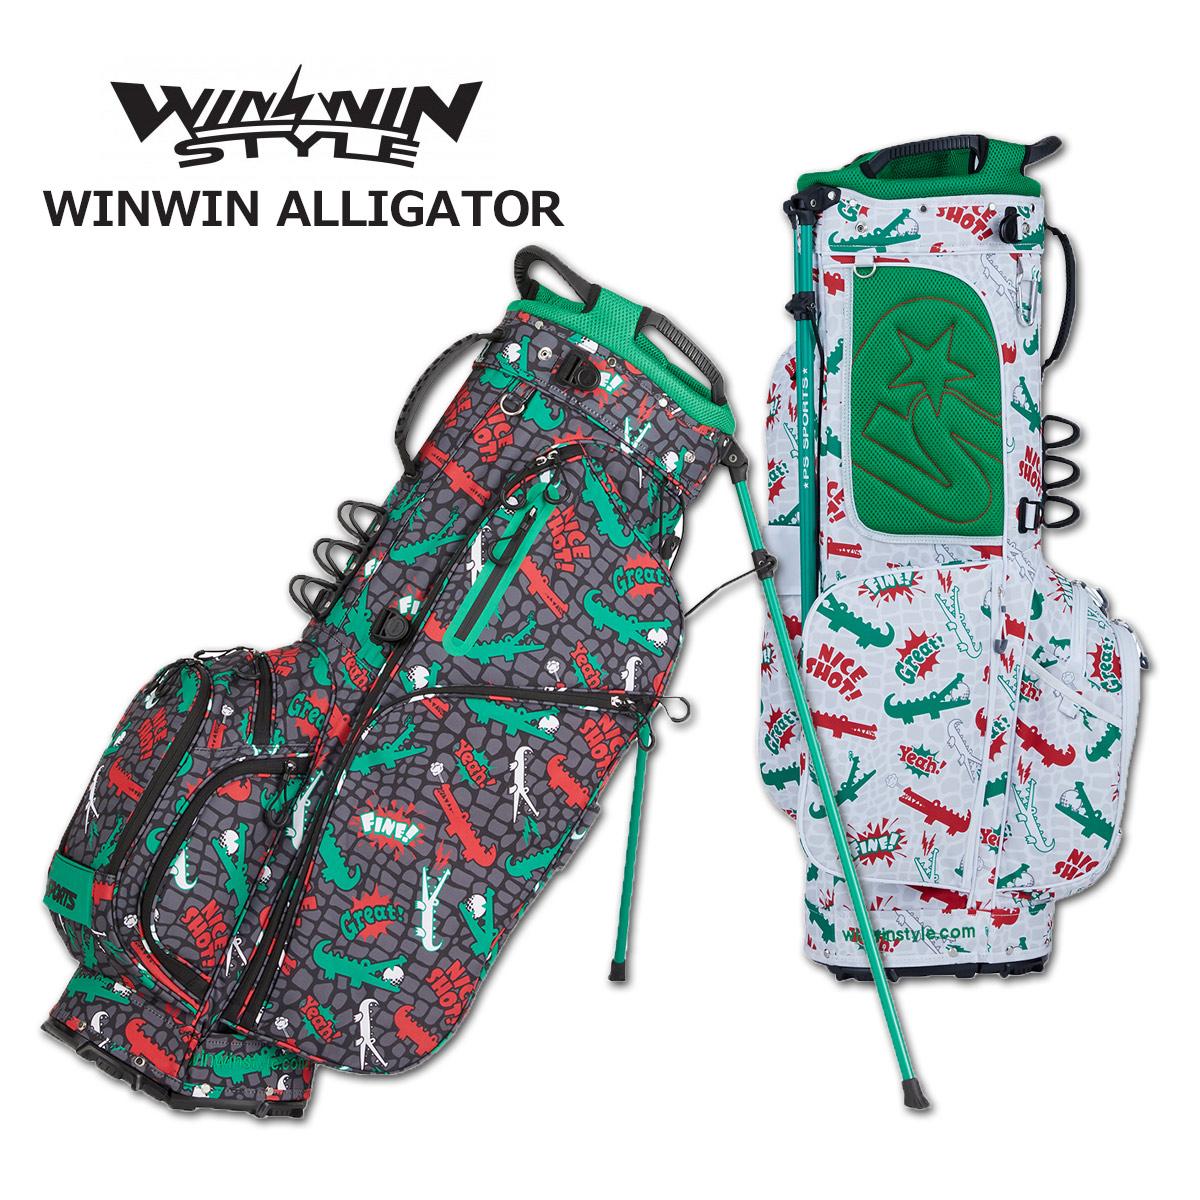 ウィンウィンスタイル キャディバッグ スタンド式 メンズ レディース 黒 白 cb-941cb-942【 あす楽 送料無料 】 [ WINWIN STYLE ゴルフ 9インチ 4分割 WINWIN ALLIGATOR新作 GOLF レア プレゼント ウィンウィン おしゃれ 限定 キャディーバッグ 軽量 ]